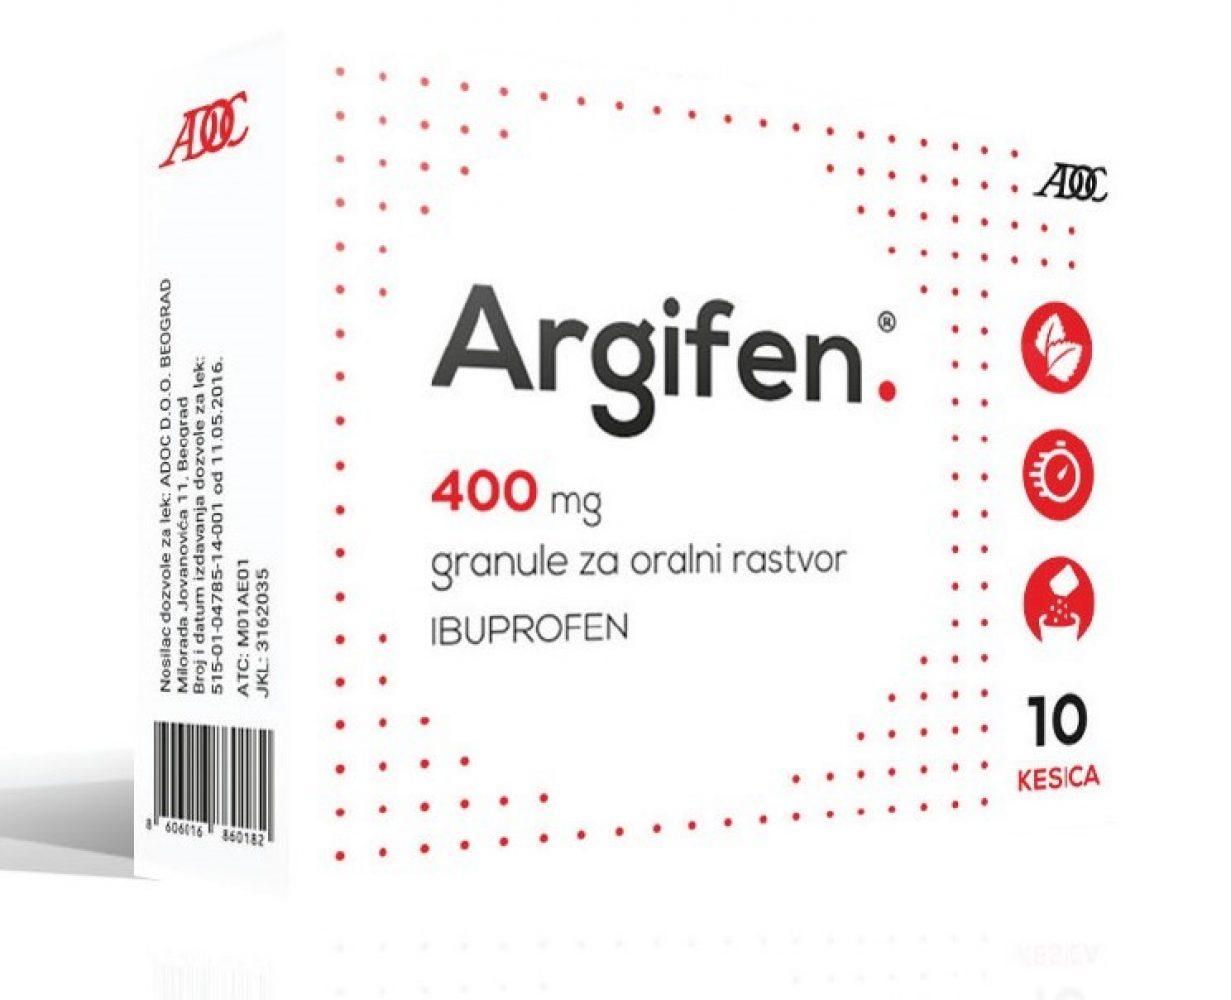 Argifen 400